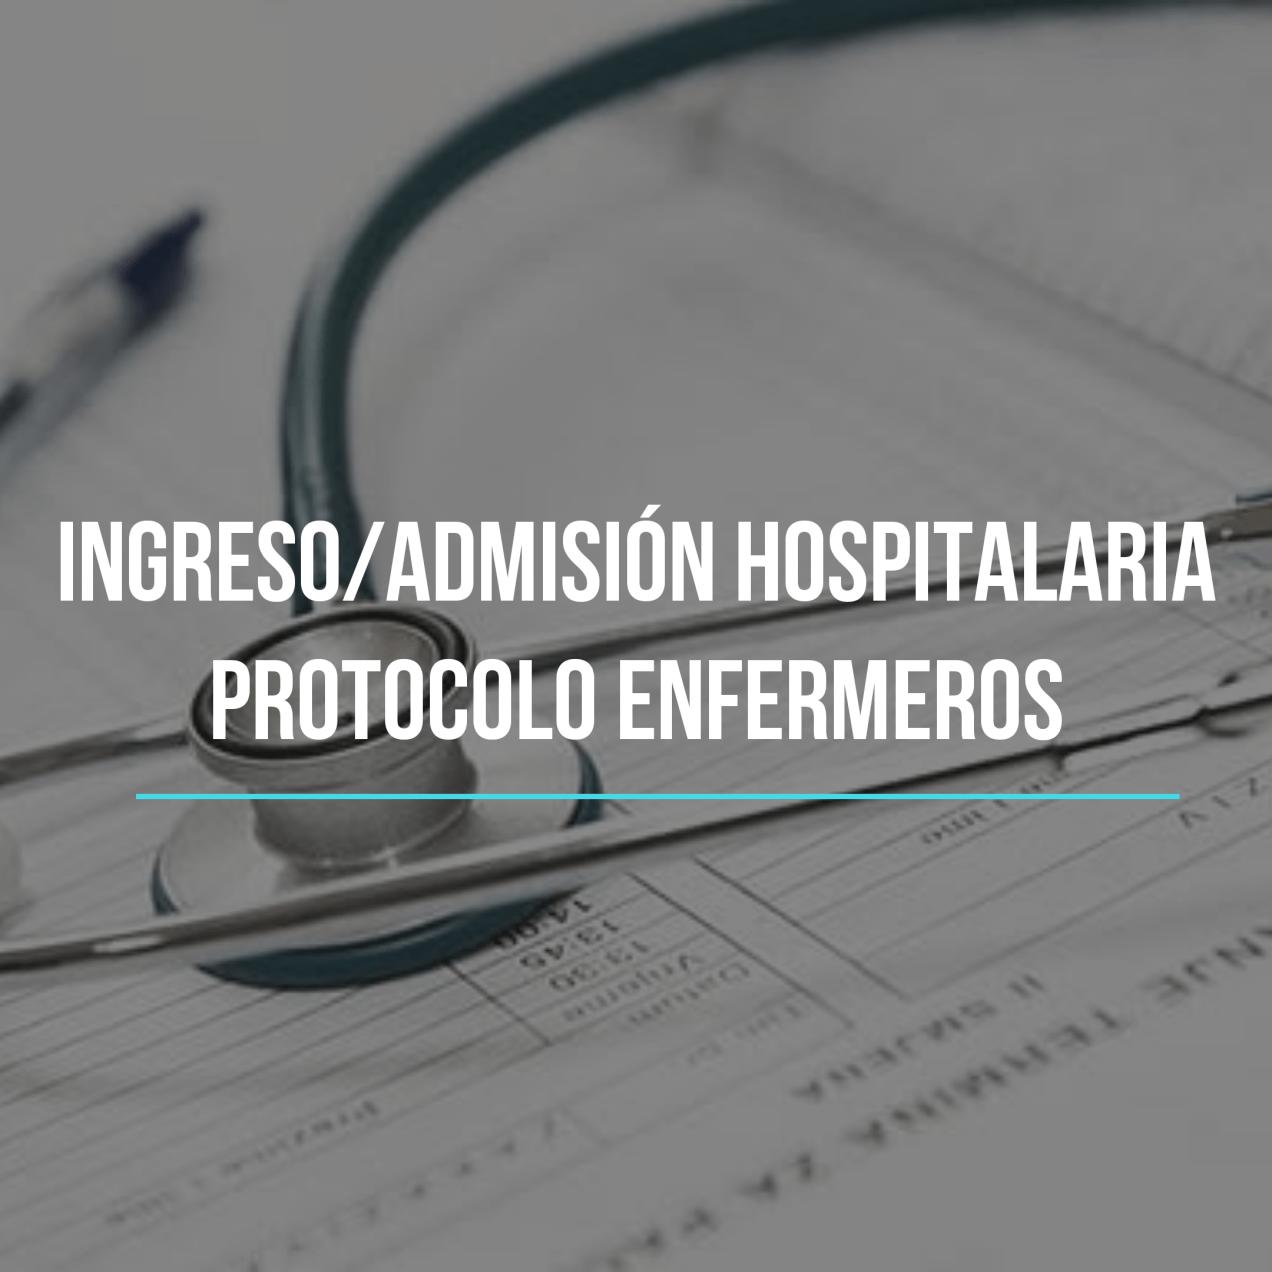 Ingreso hospitalario/ admisión protocolo enfermero